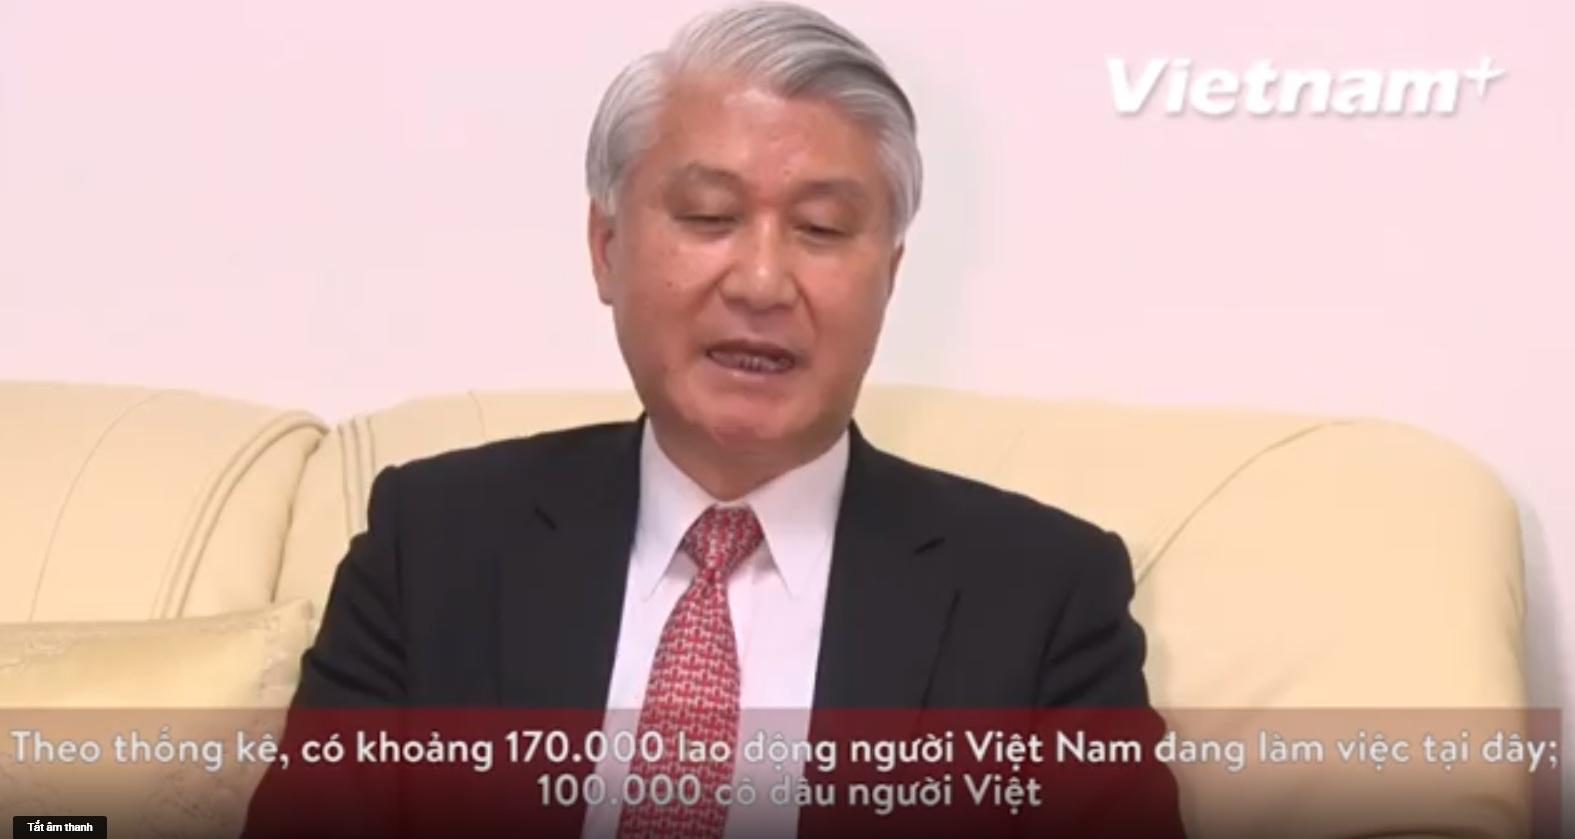 thong tin ve cong dong viet nam tai dai loan